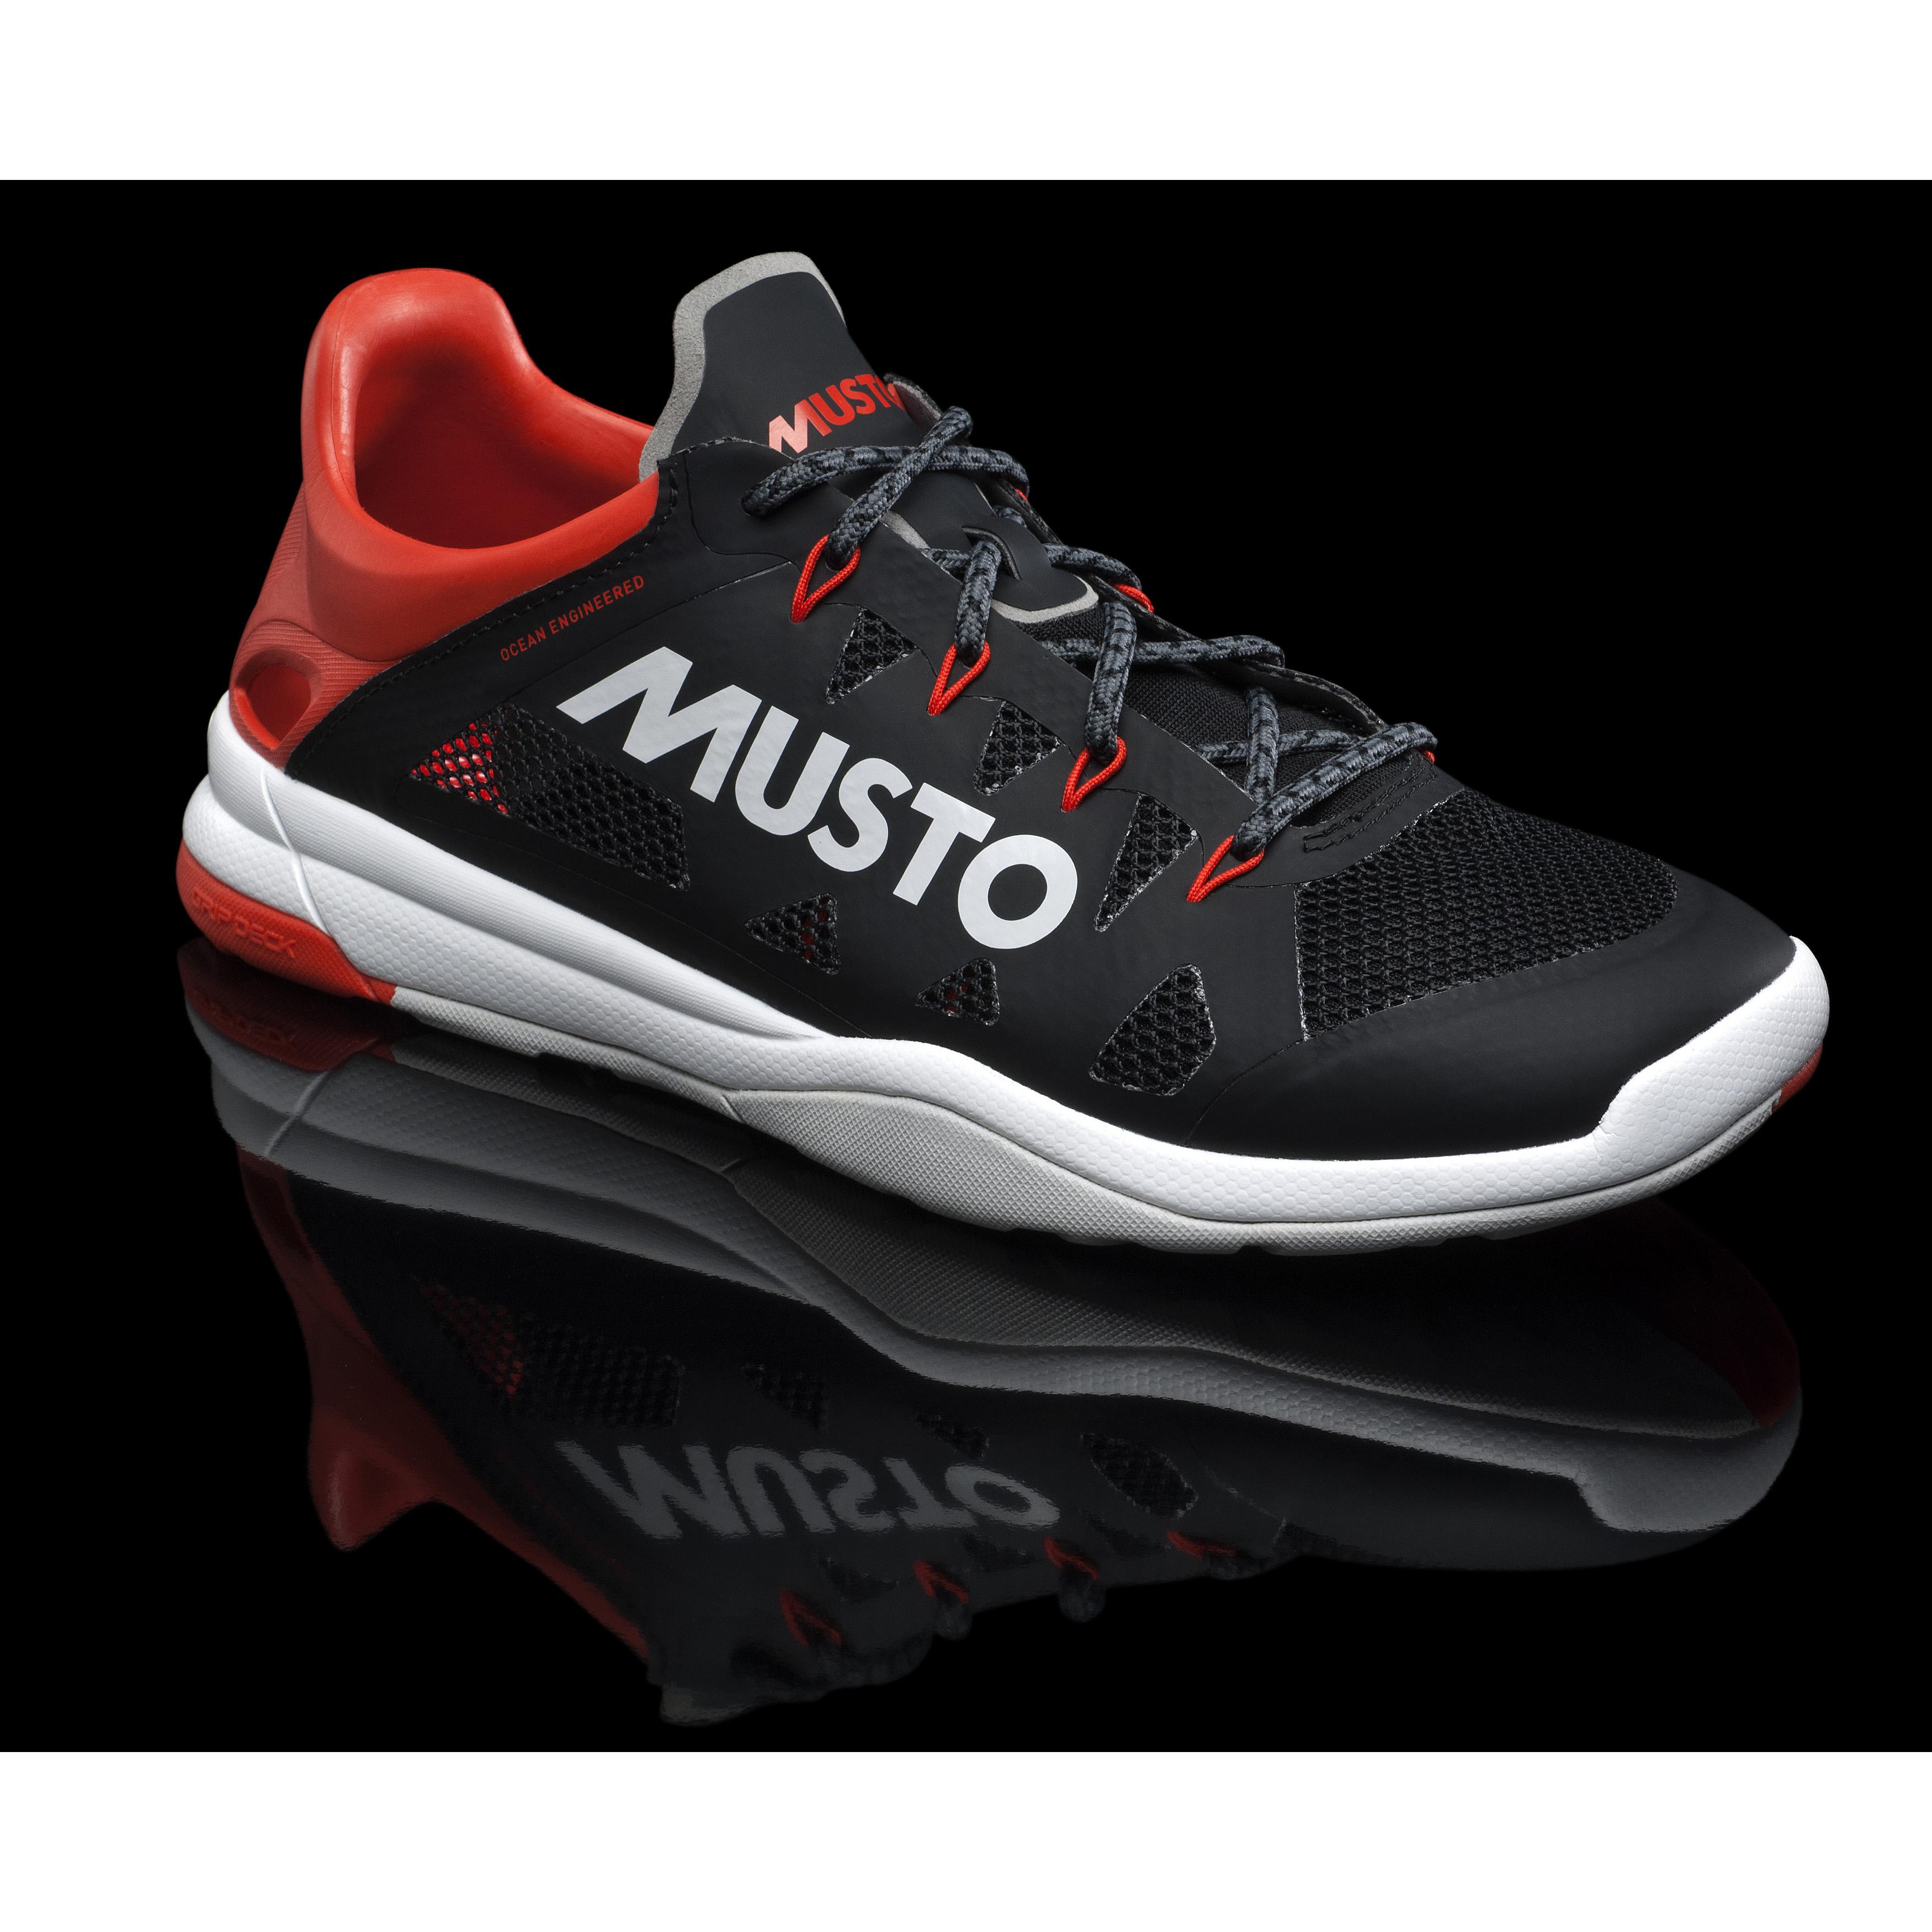 MUSTO DYNAMIC PRO II (FUFT006)